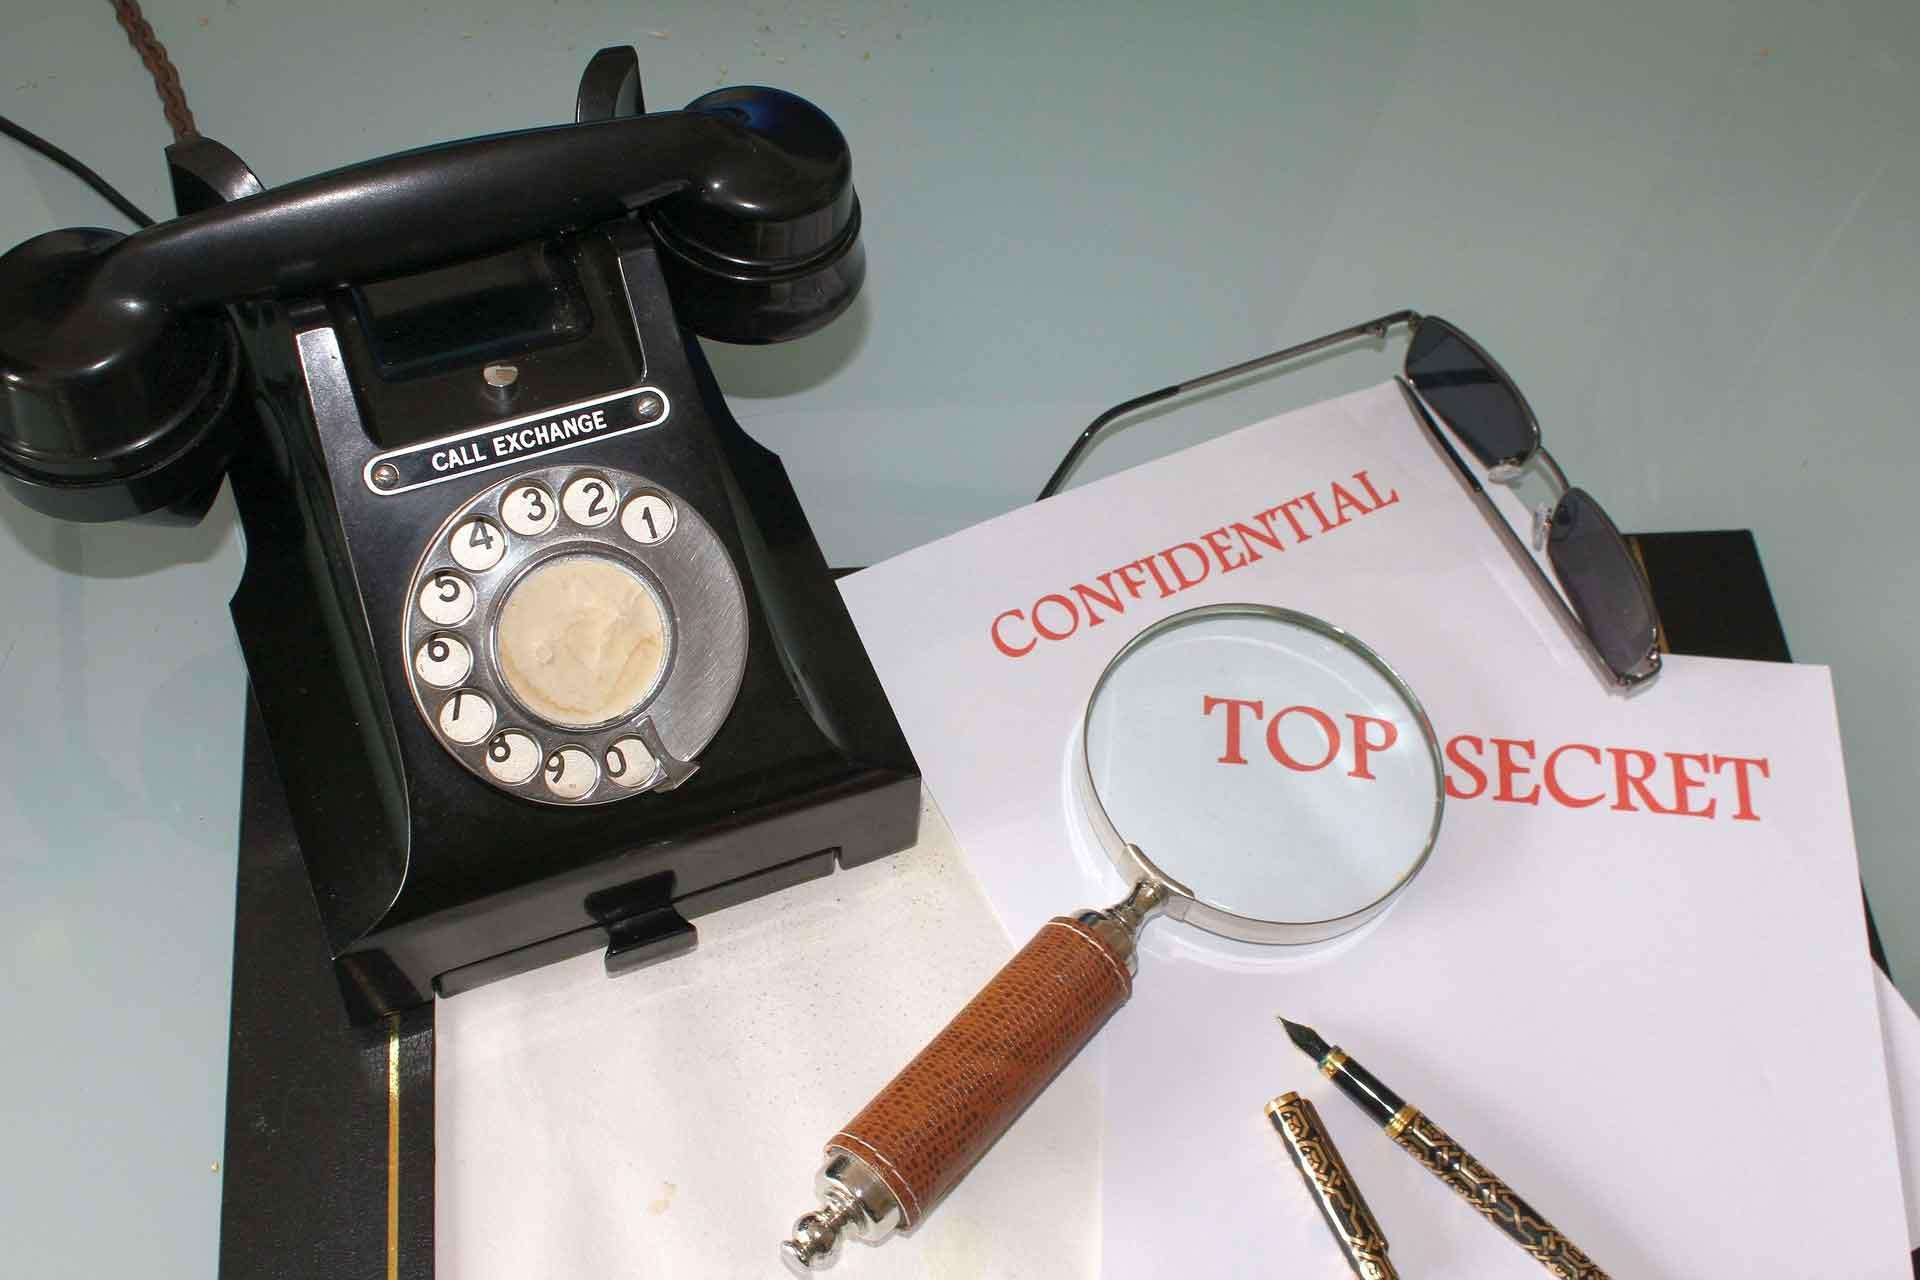 トップシークレットと黒電話